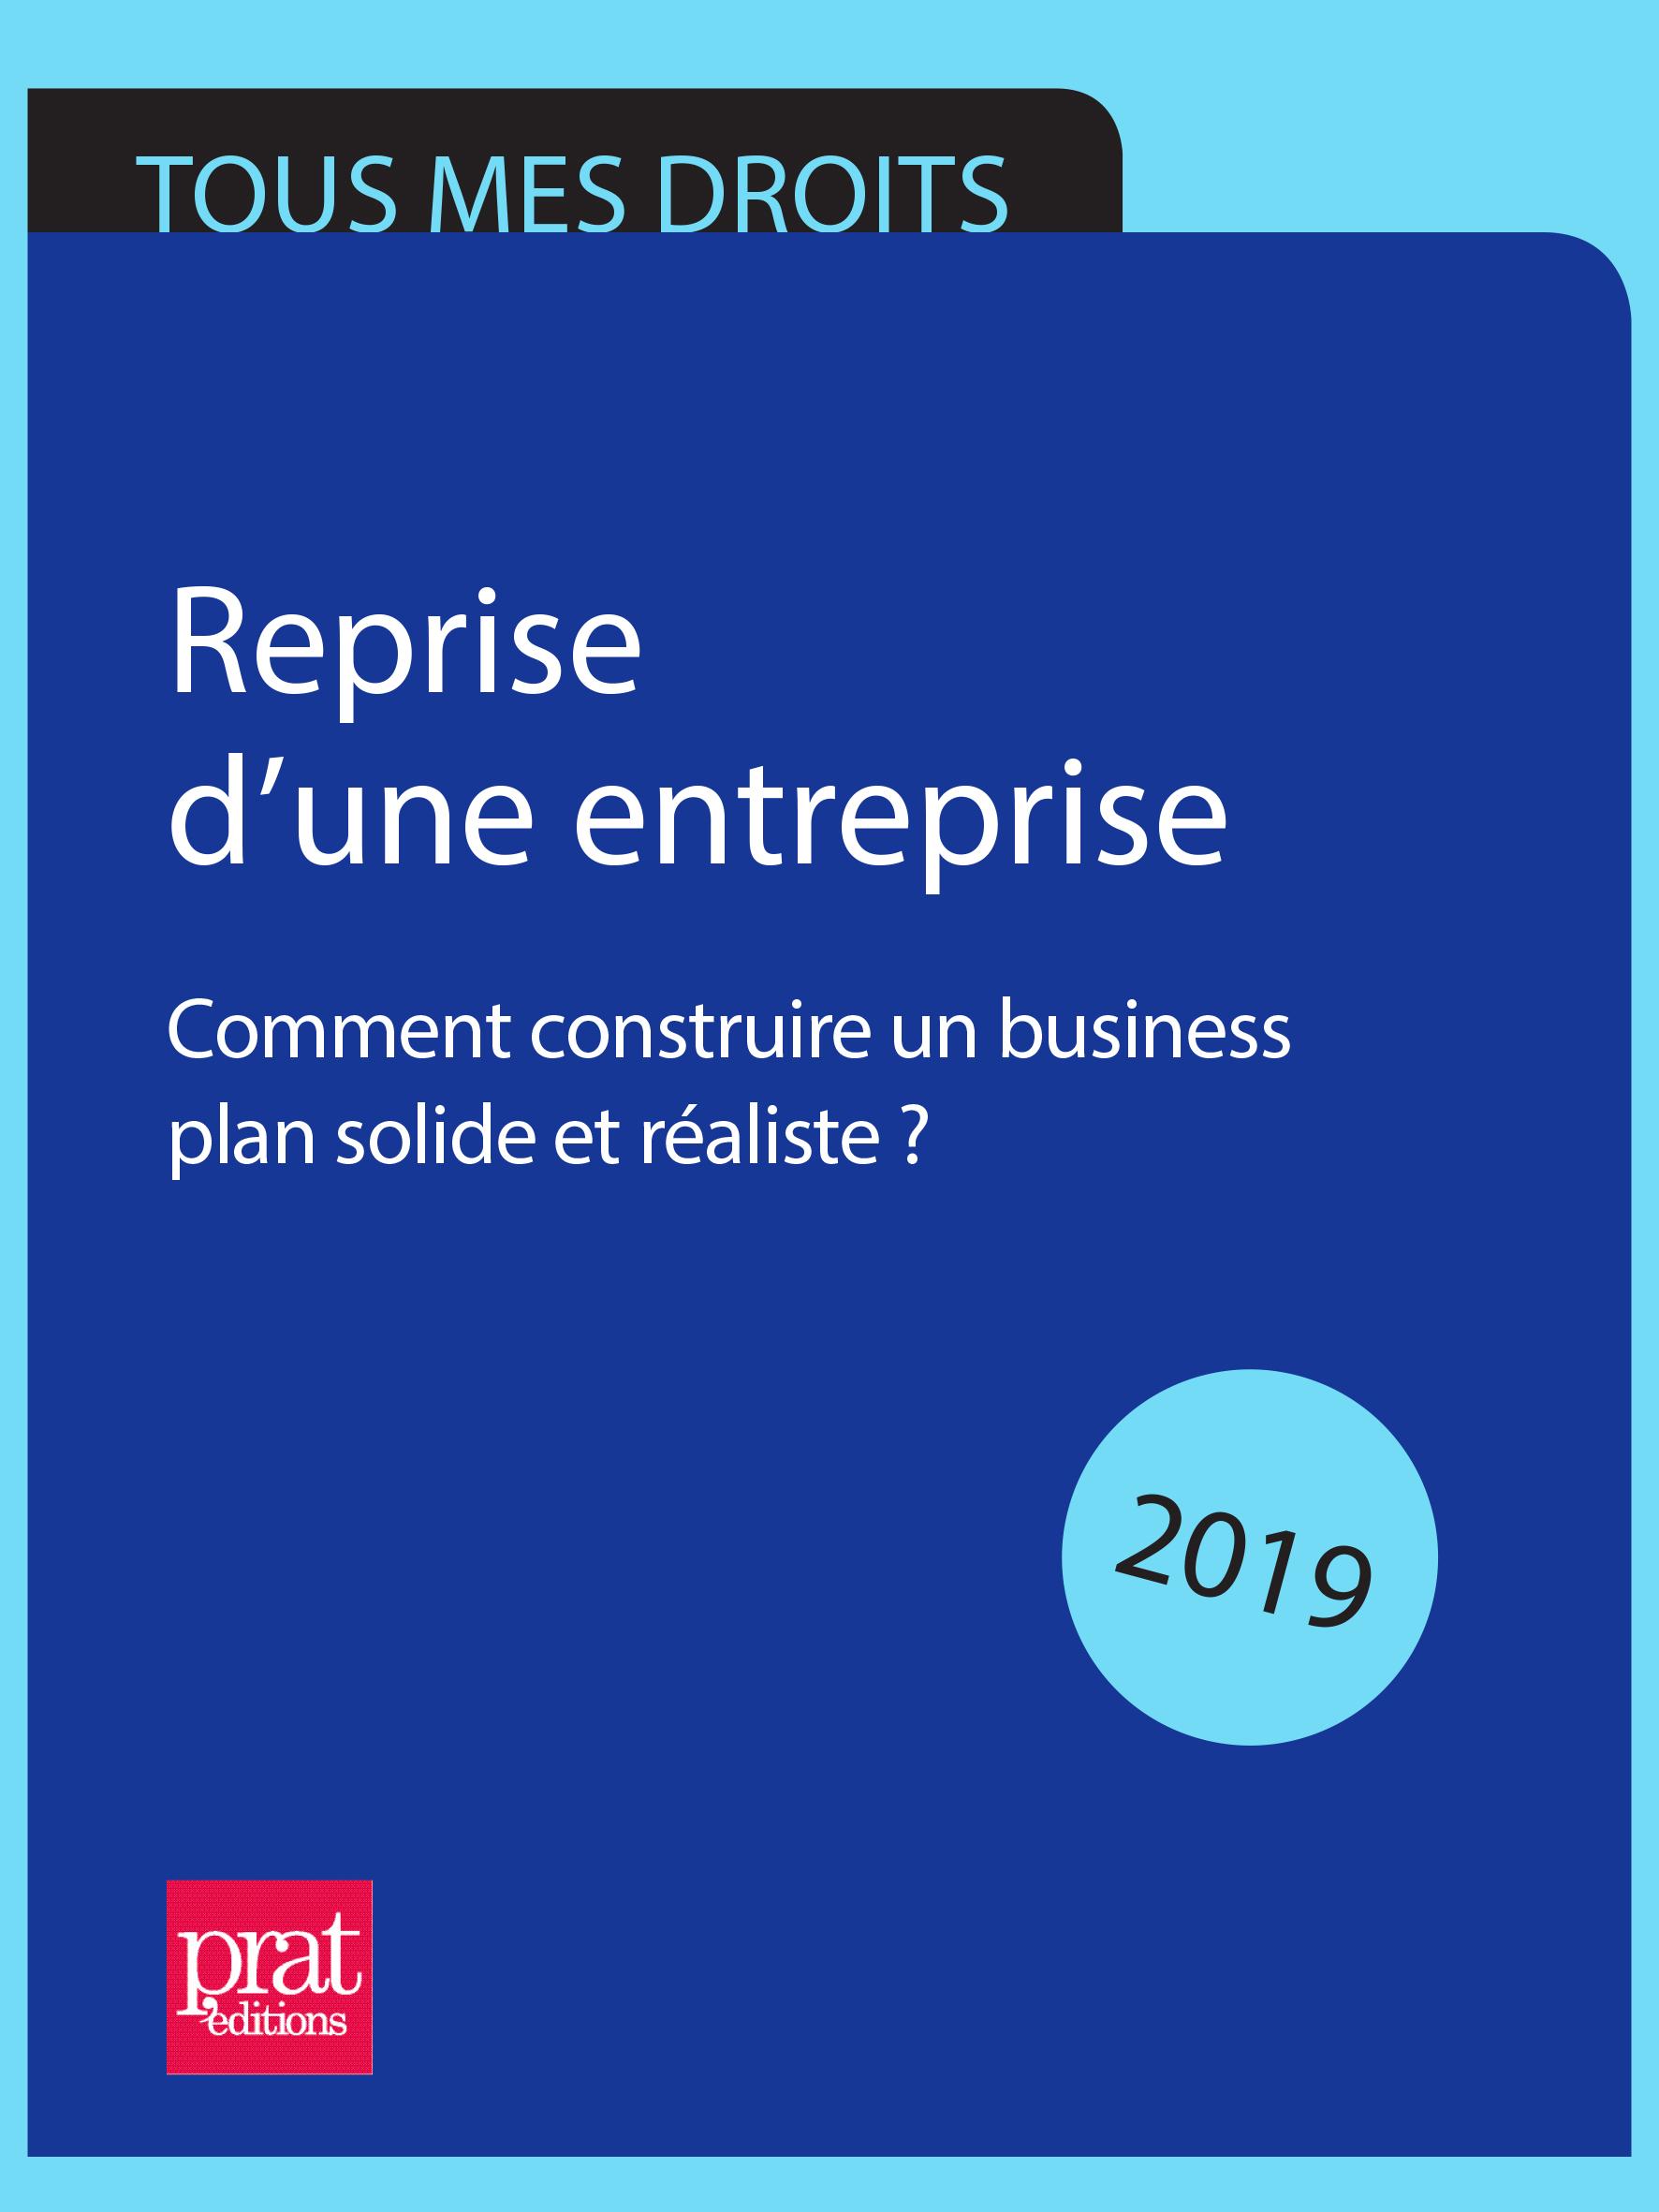 Reprise d'une entreprise 2019